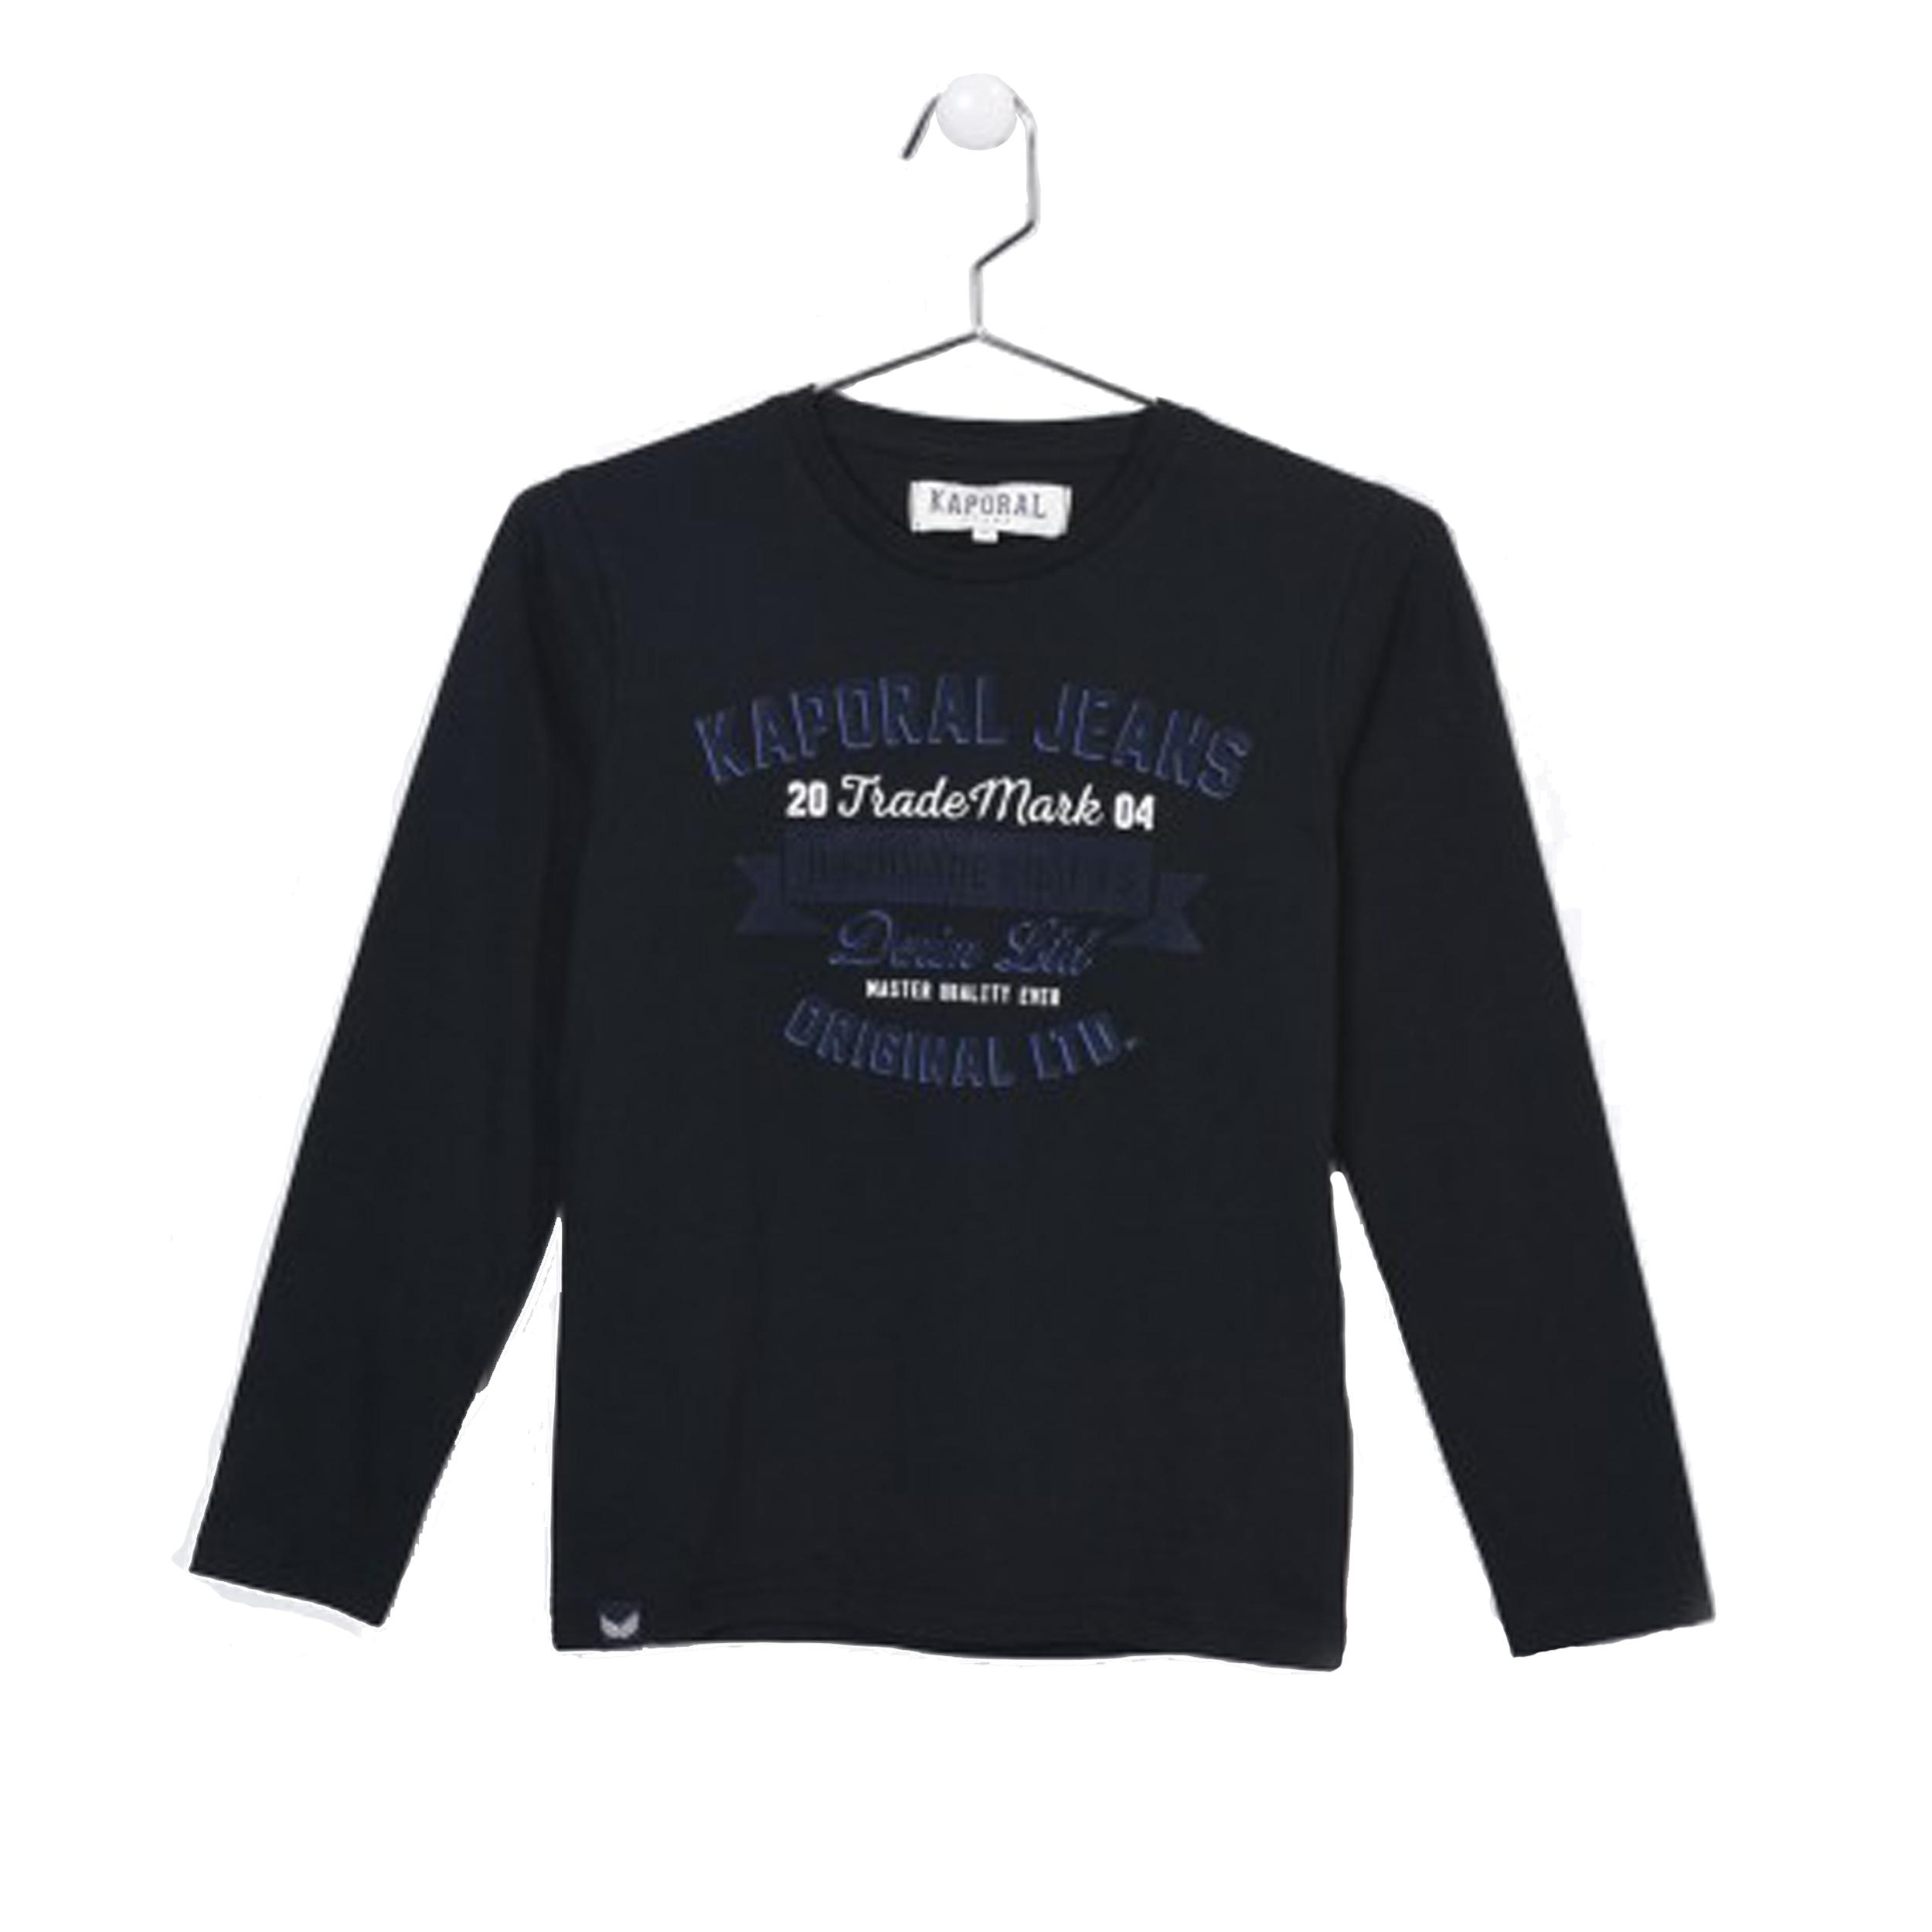 Tee-shirt manches longues col rond  negor en coton noir avec flocage effet velours